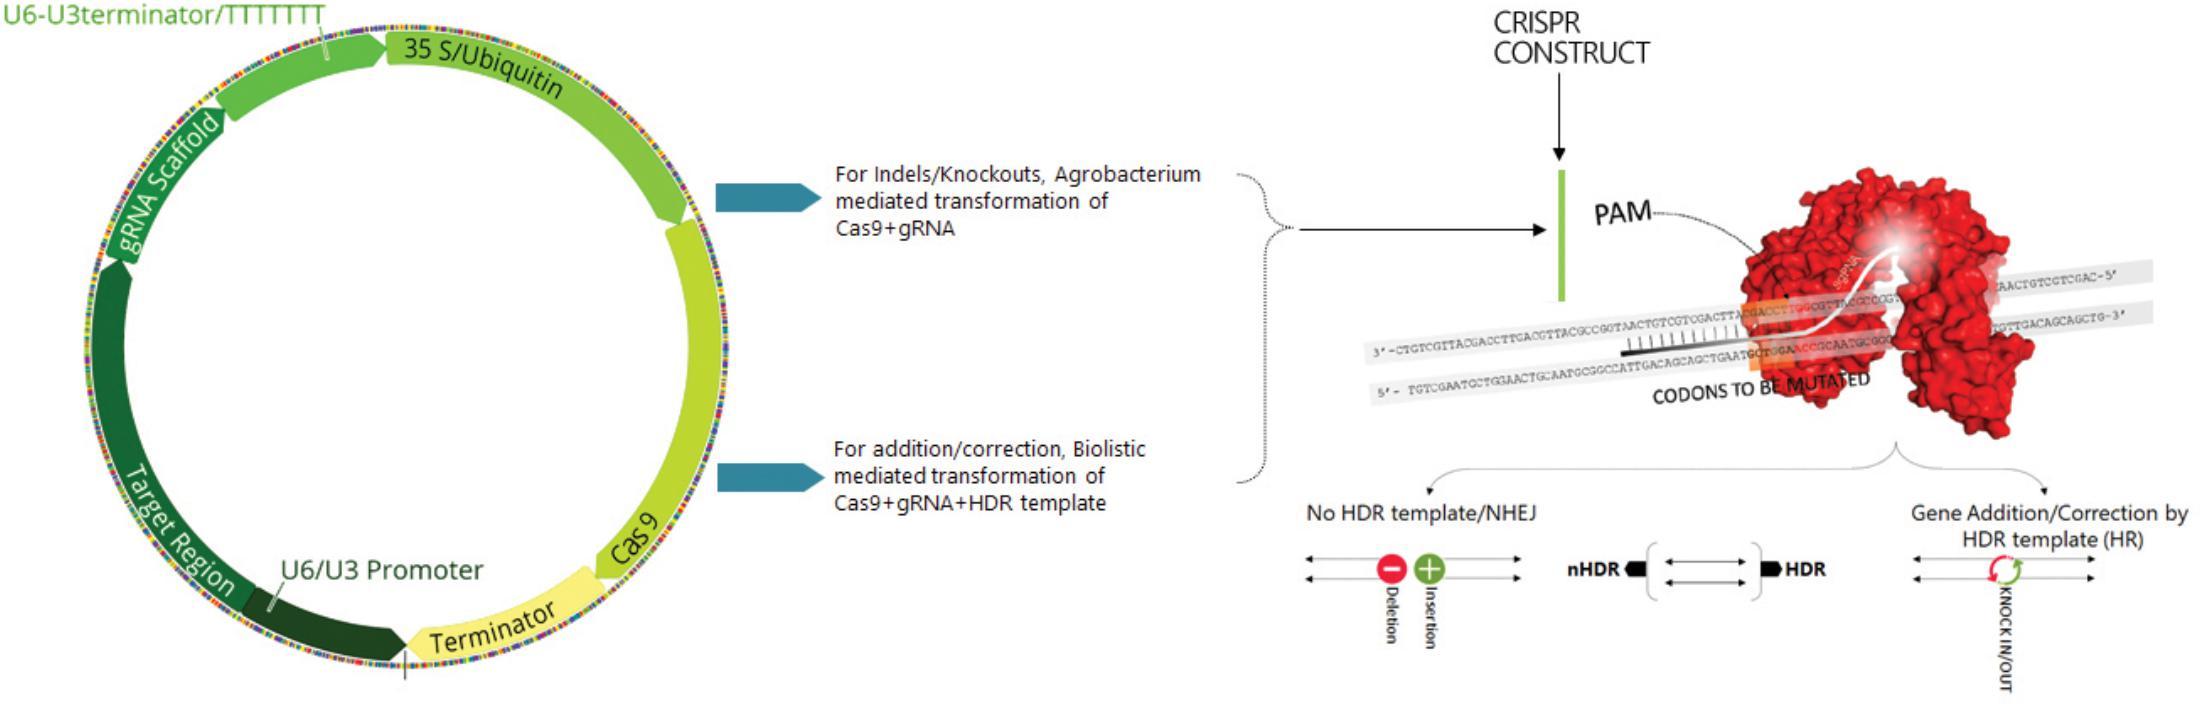 Frontiers | Data Mining by Pluralistic Approach on CRISPR Gene